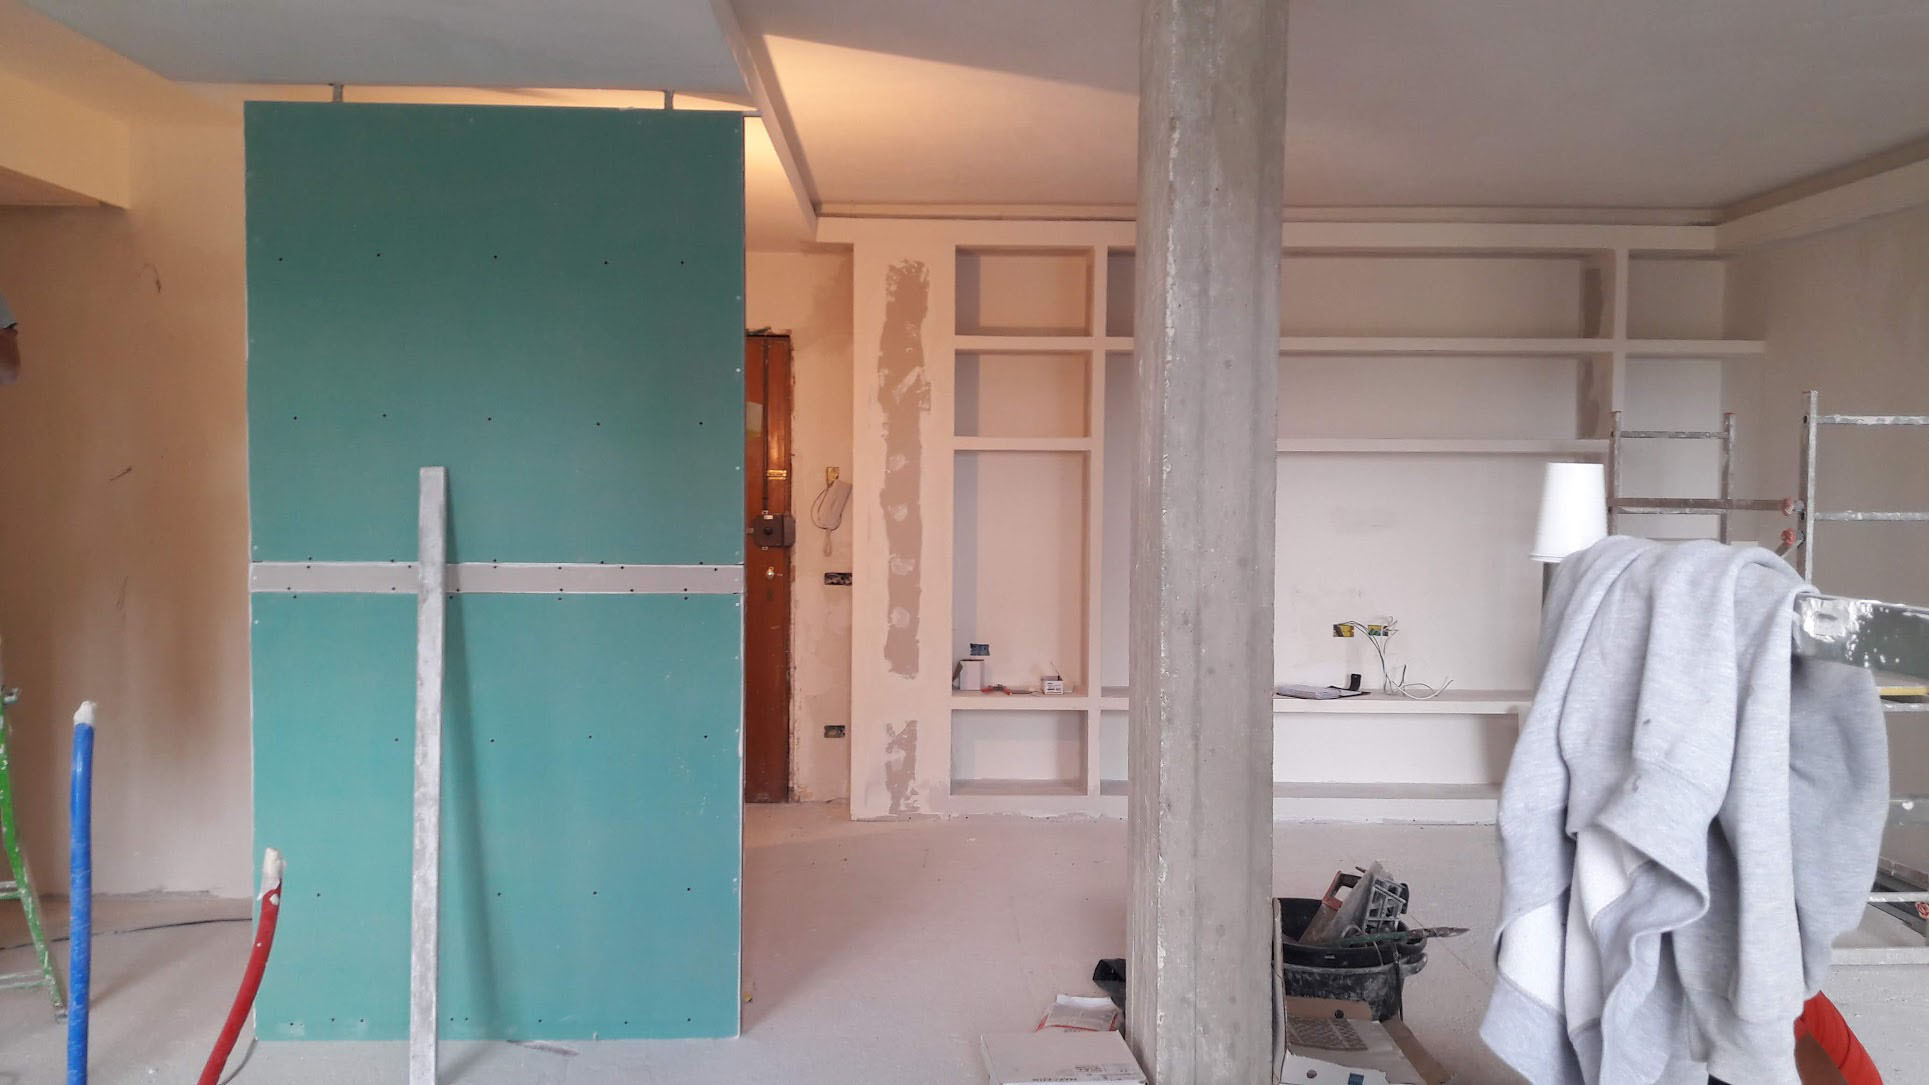 Regolamento edilizio e ristrutturazioni di interni